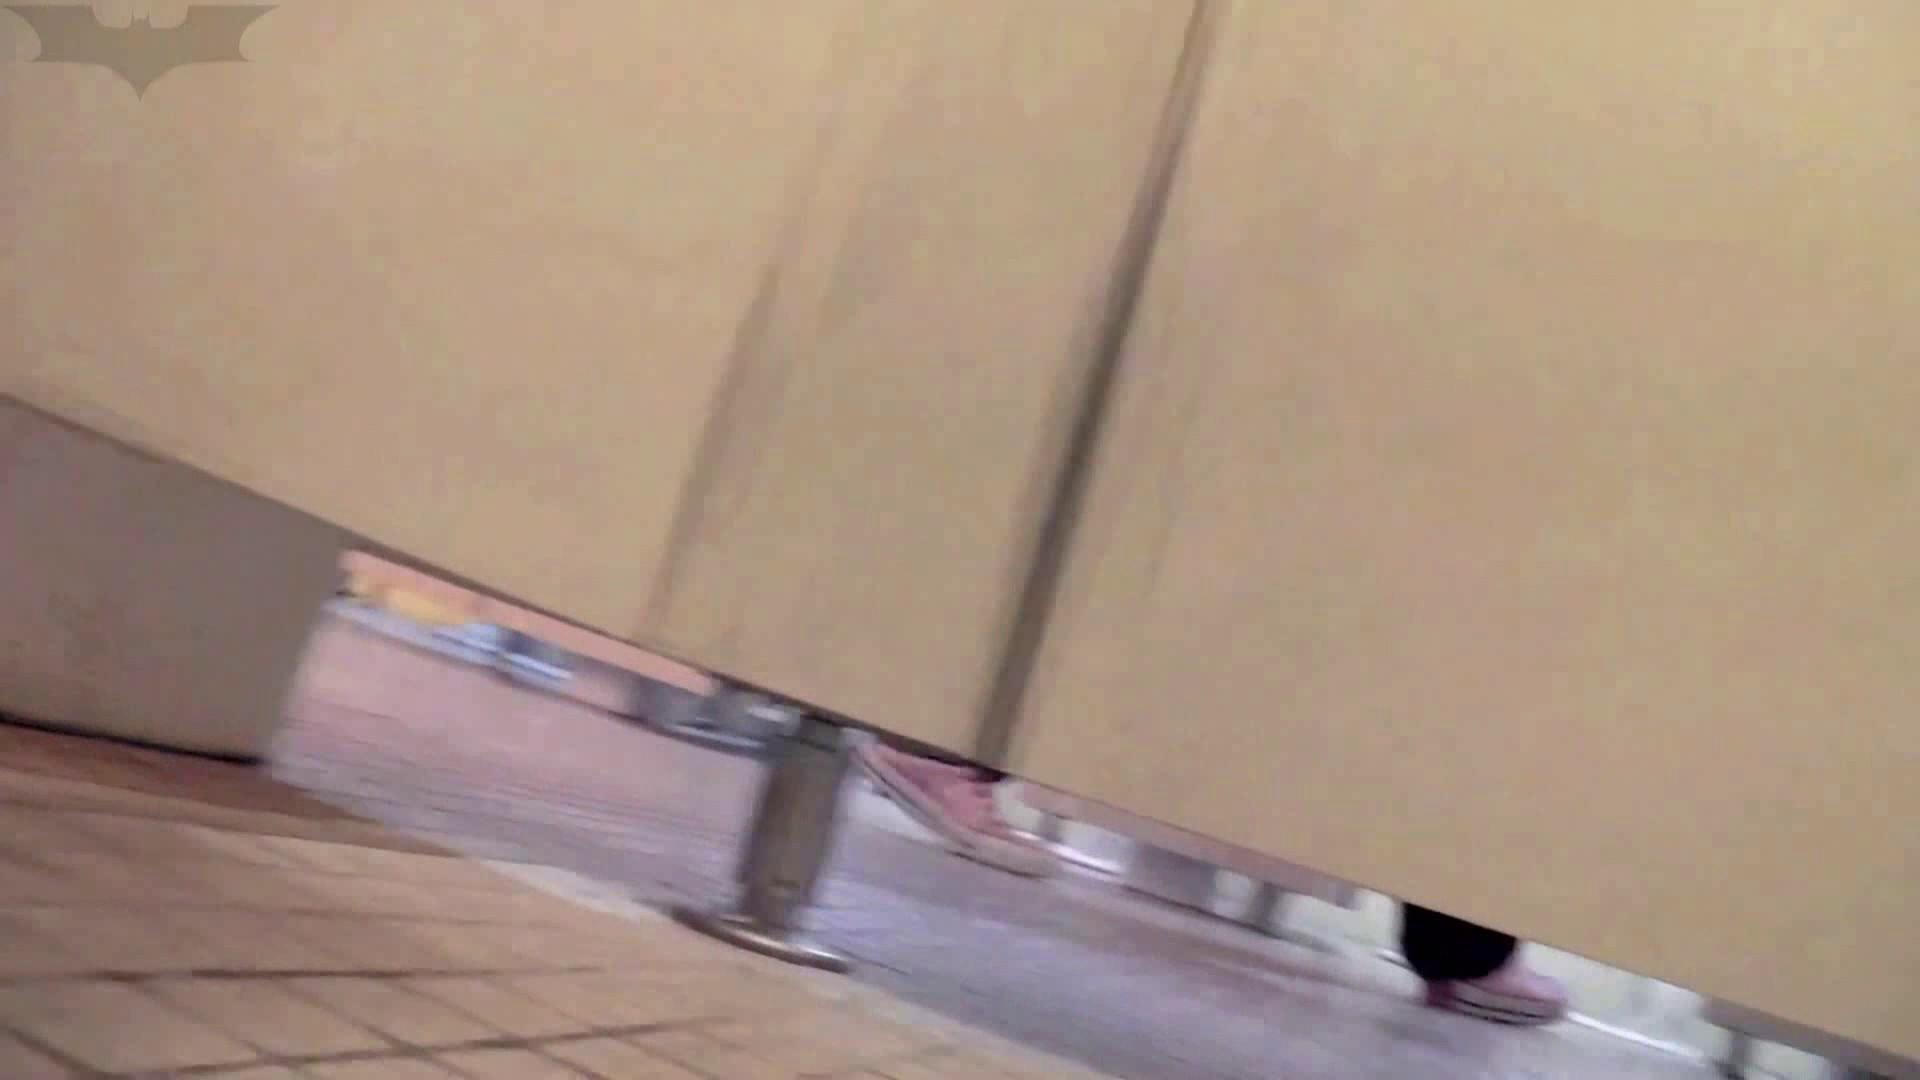 無修正ヌード|第三体育館潜入撮File009 珍しい!左手で御尻を広げながら右手で拭く|怪盗ジョーカー